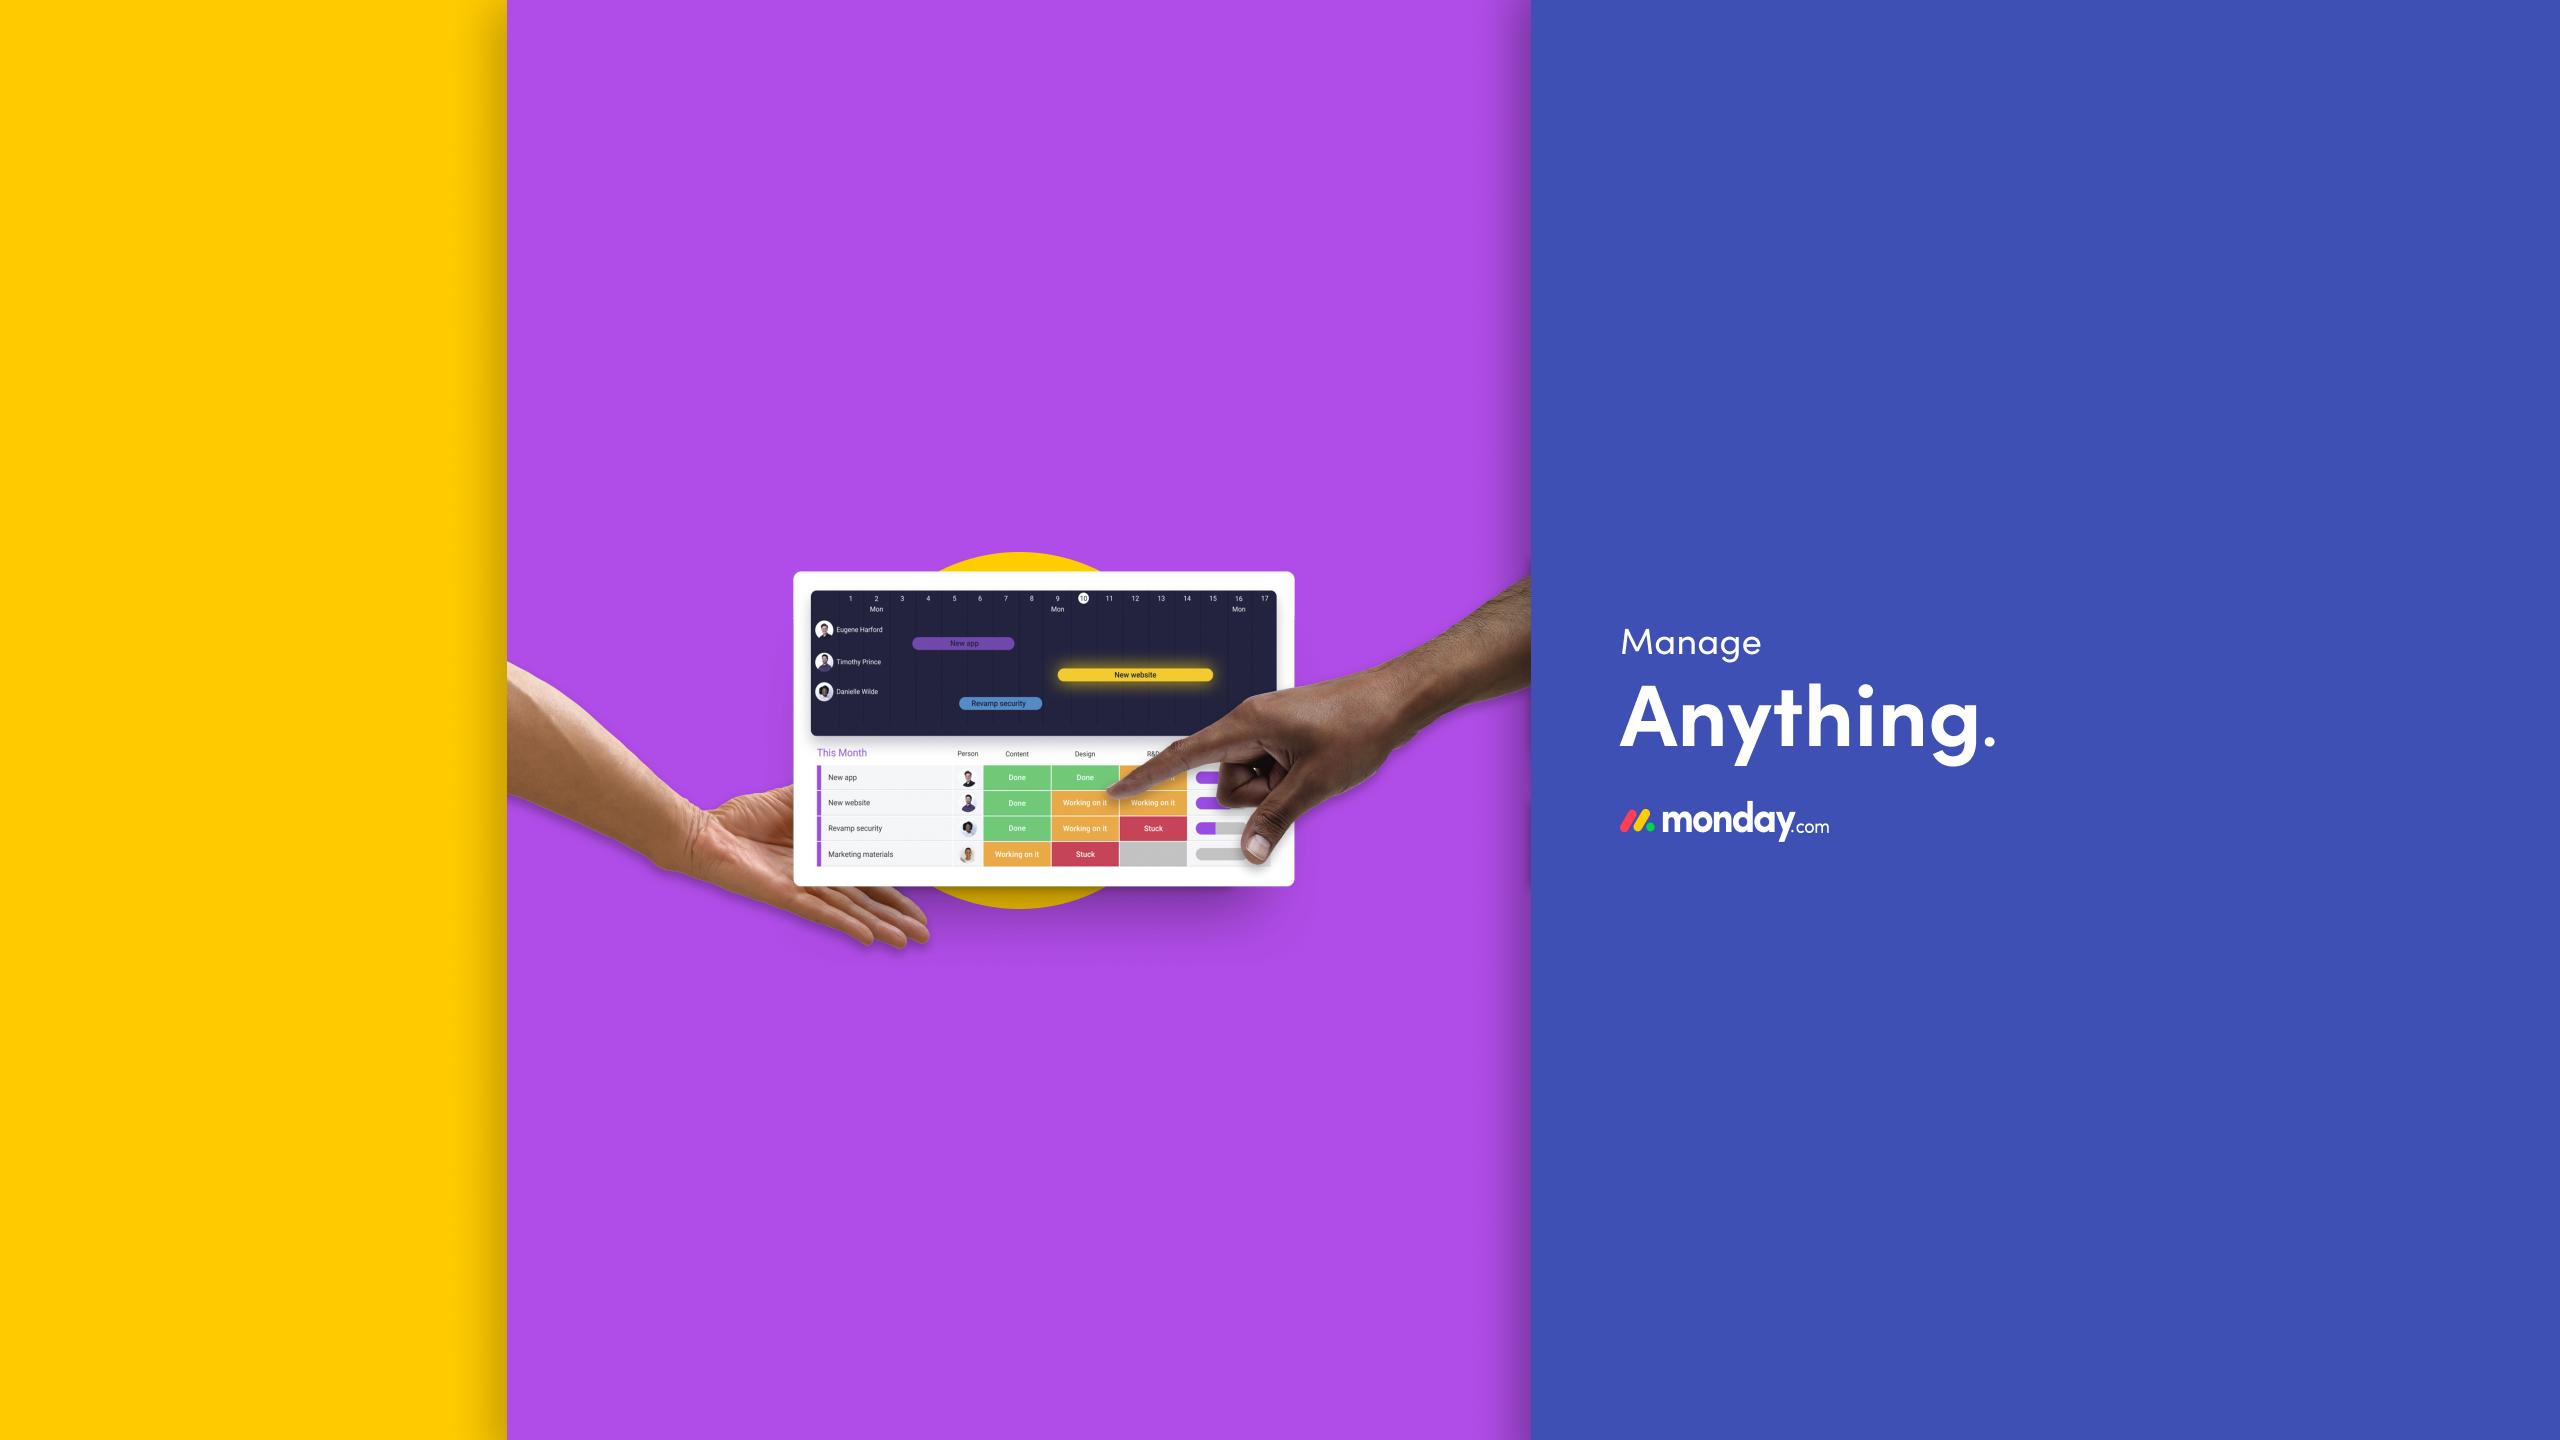 Bewertungen monday.com: Das Projektmanagement-Tool für Teamwork - appvizer